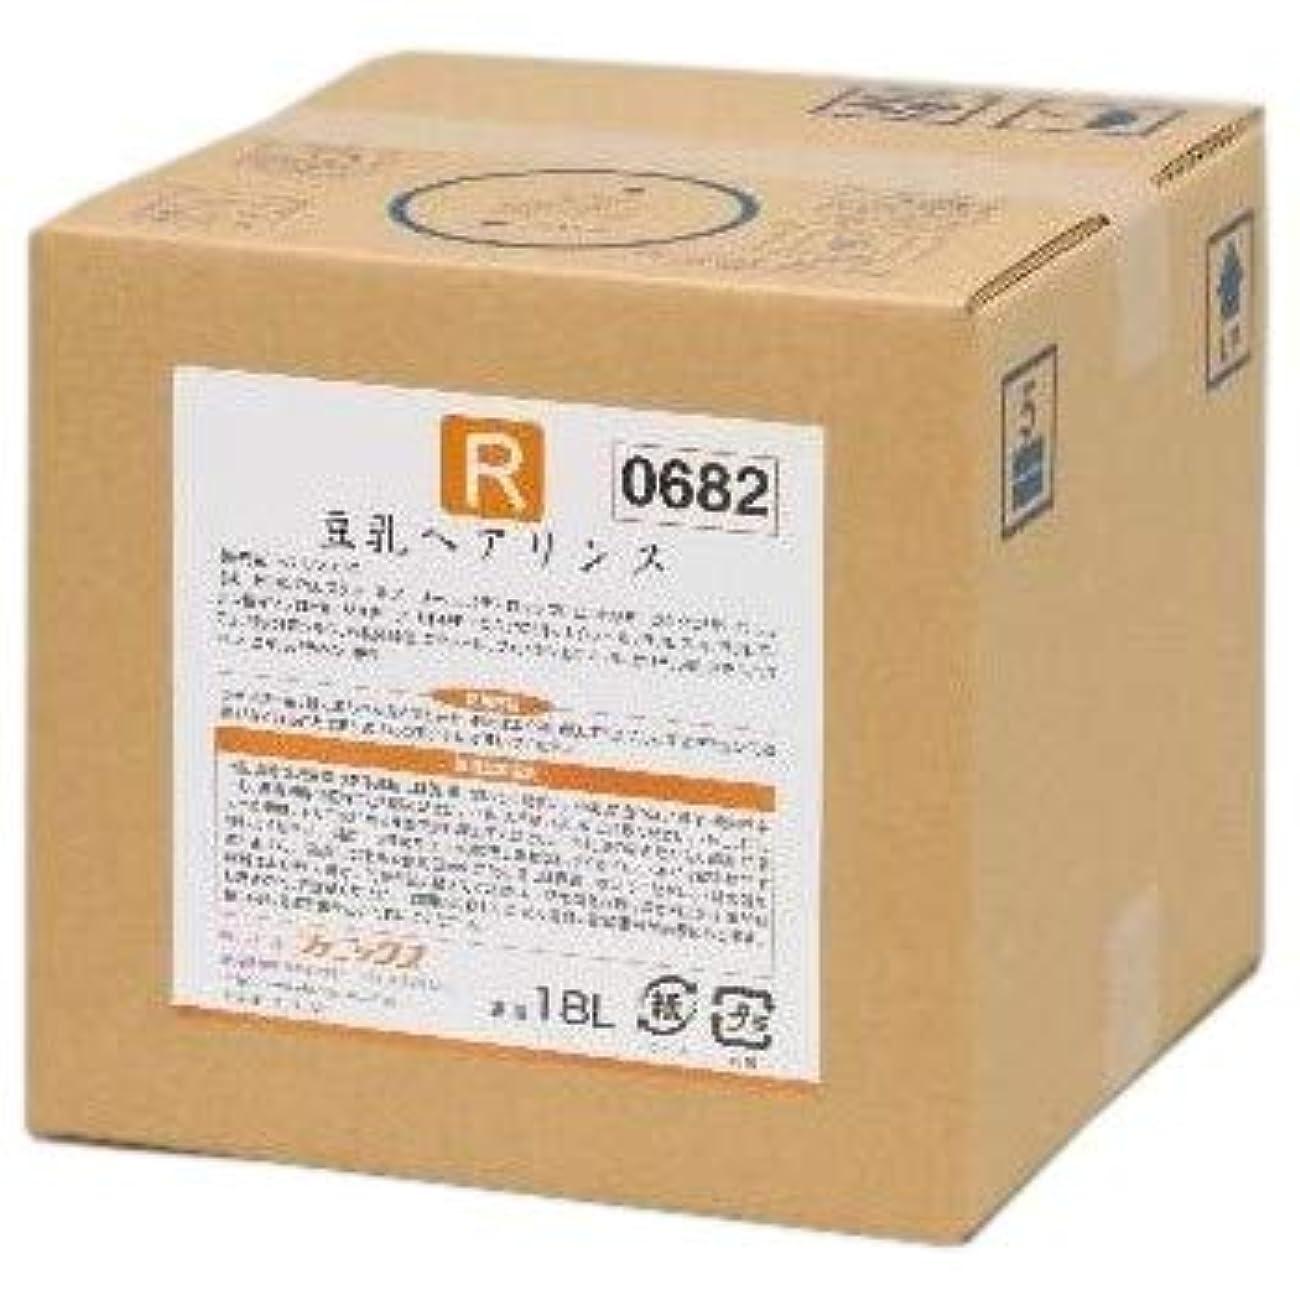 キャンベラ無数の依存する豆乳ヘアリンス 18L 1個